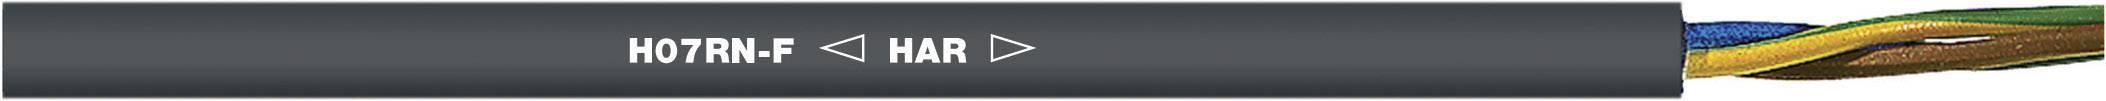 Pripojovací kábel/vodič H07RN-F LappKabel 16001073, 4 G 6 mm², čierna, metrový tovar